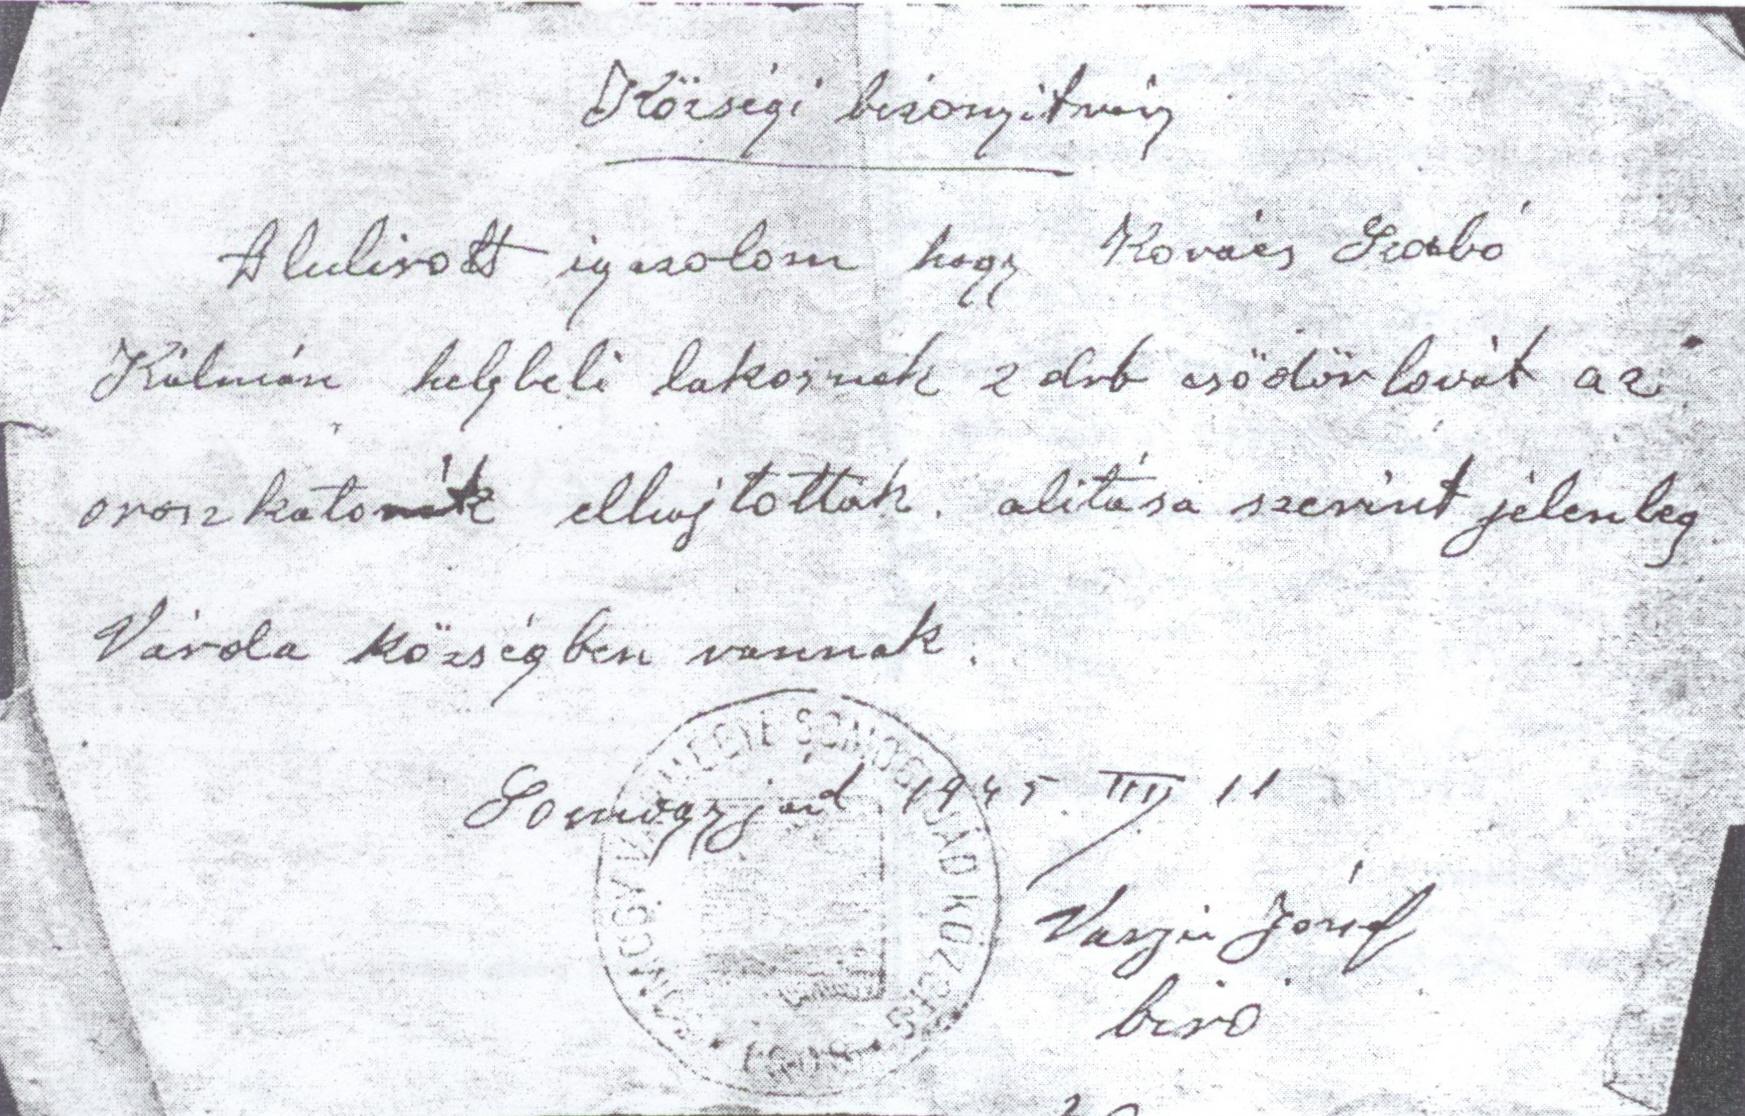 Községi bizonyítvány Kovács Szabó Kálmán családjának részére, 1945.jpg